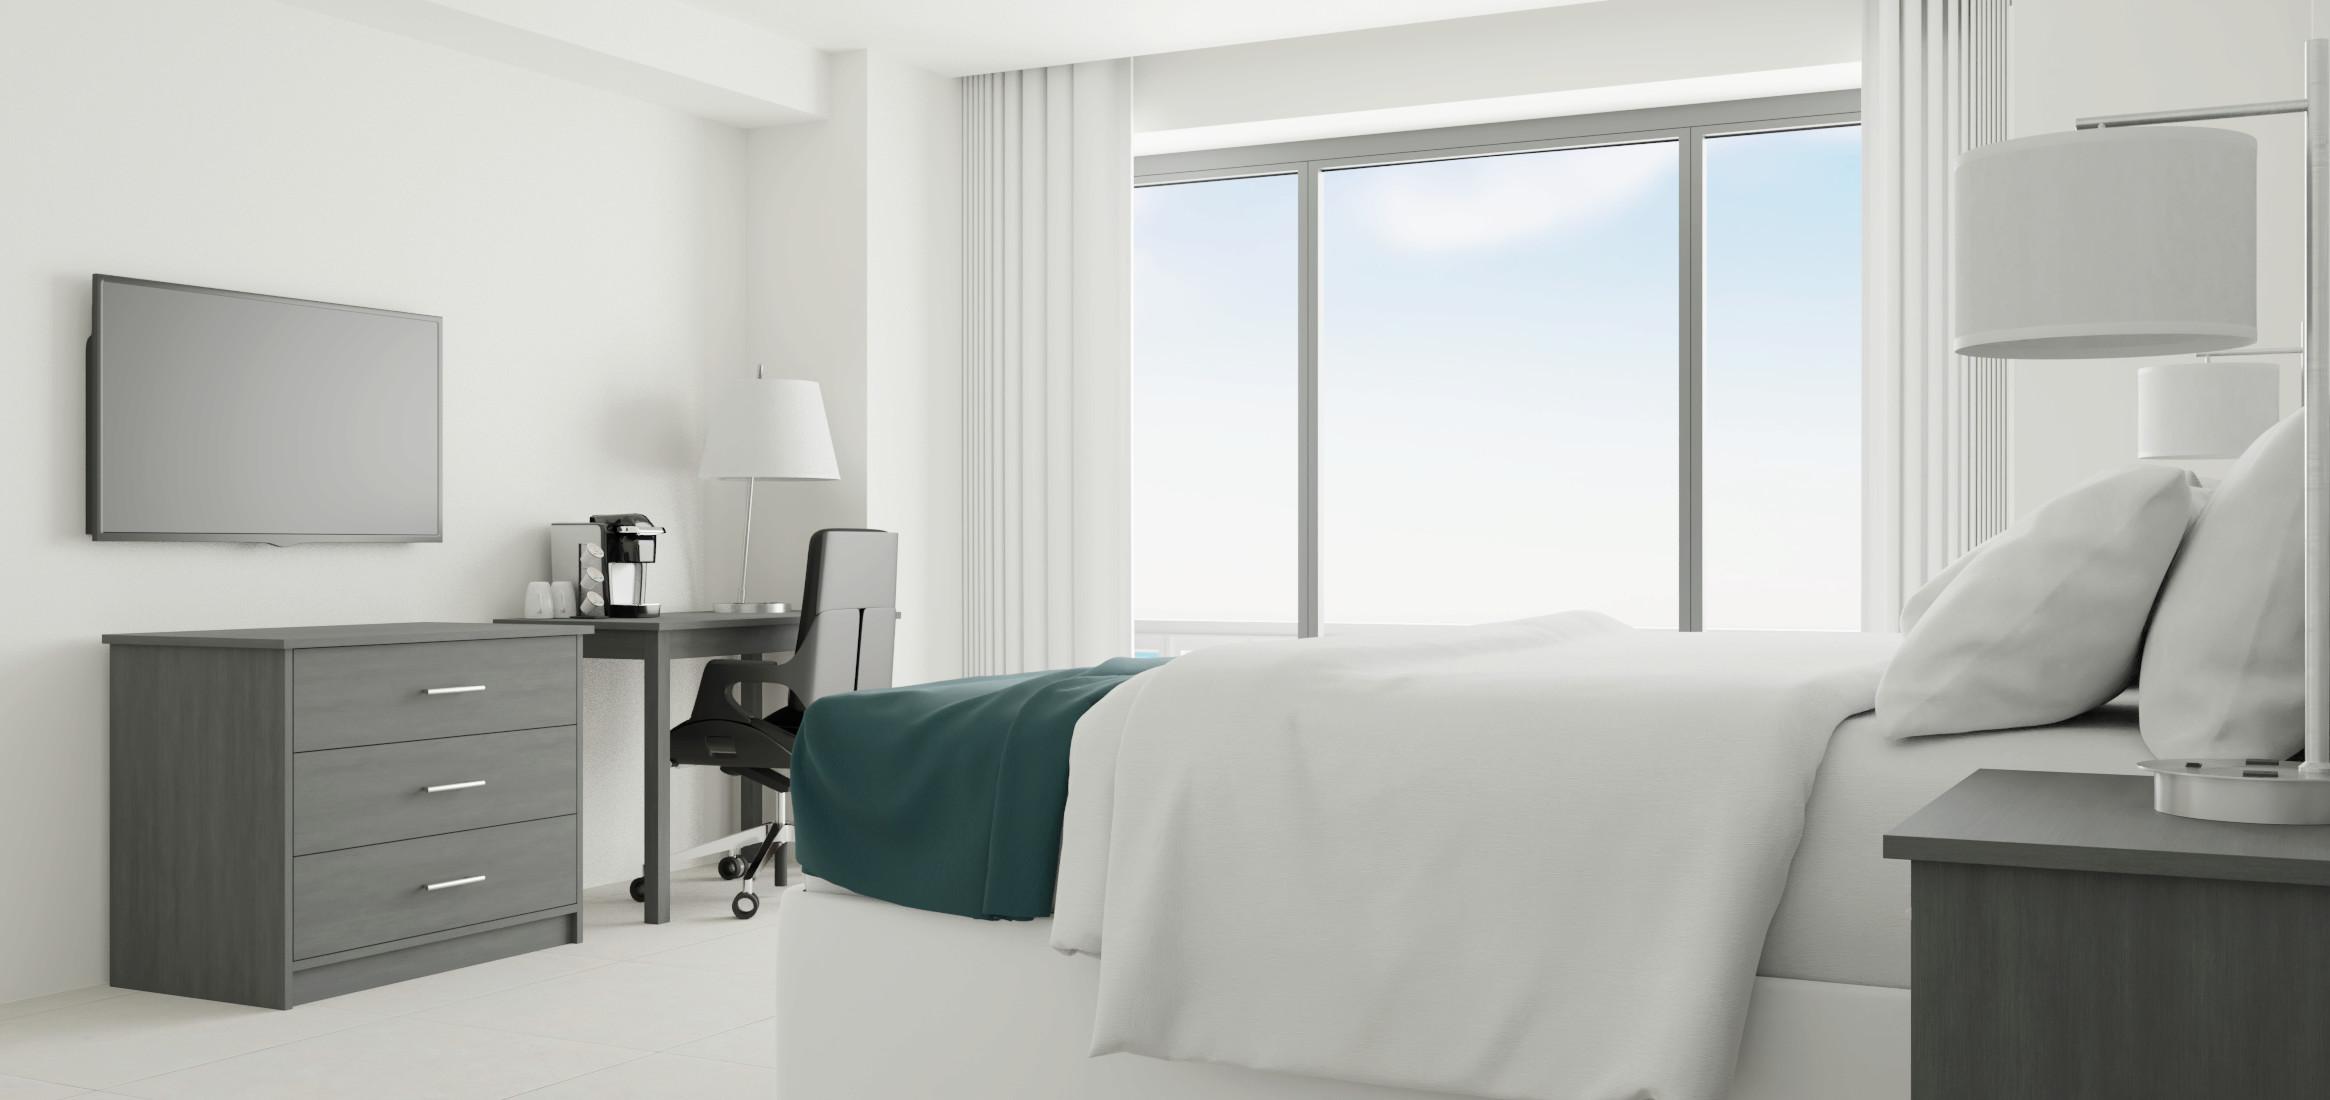 room-scene-2.jpg